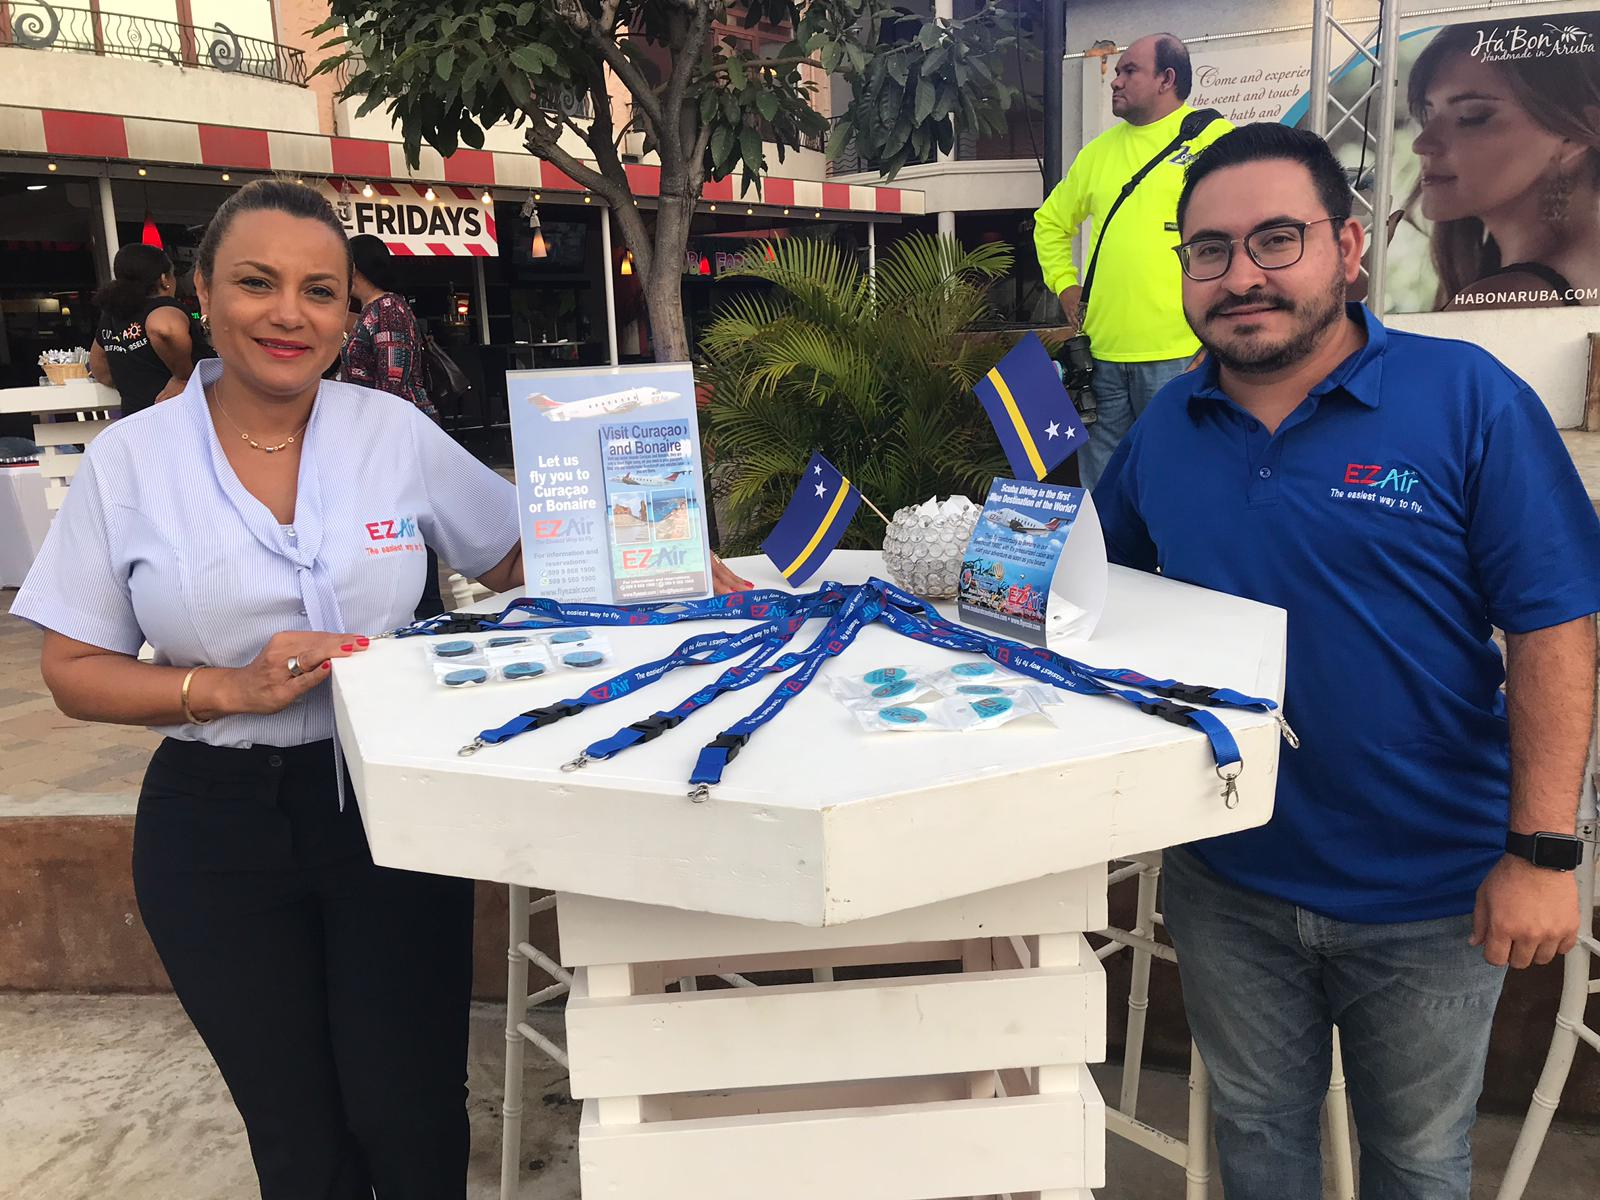 EZ Air at Paseo Herencia